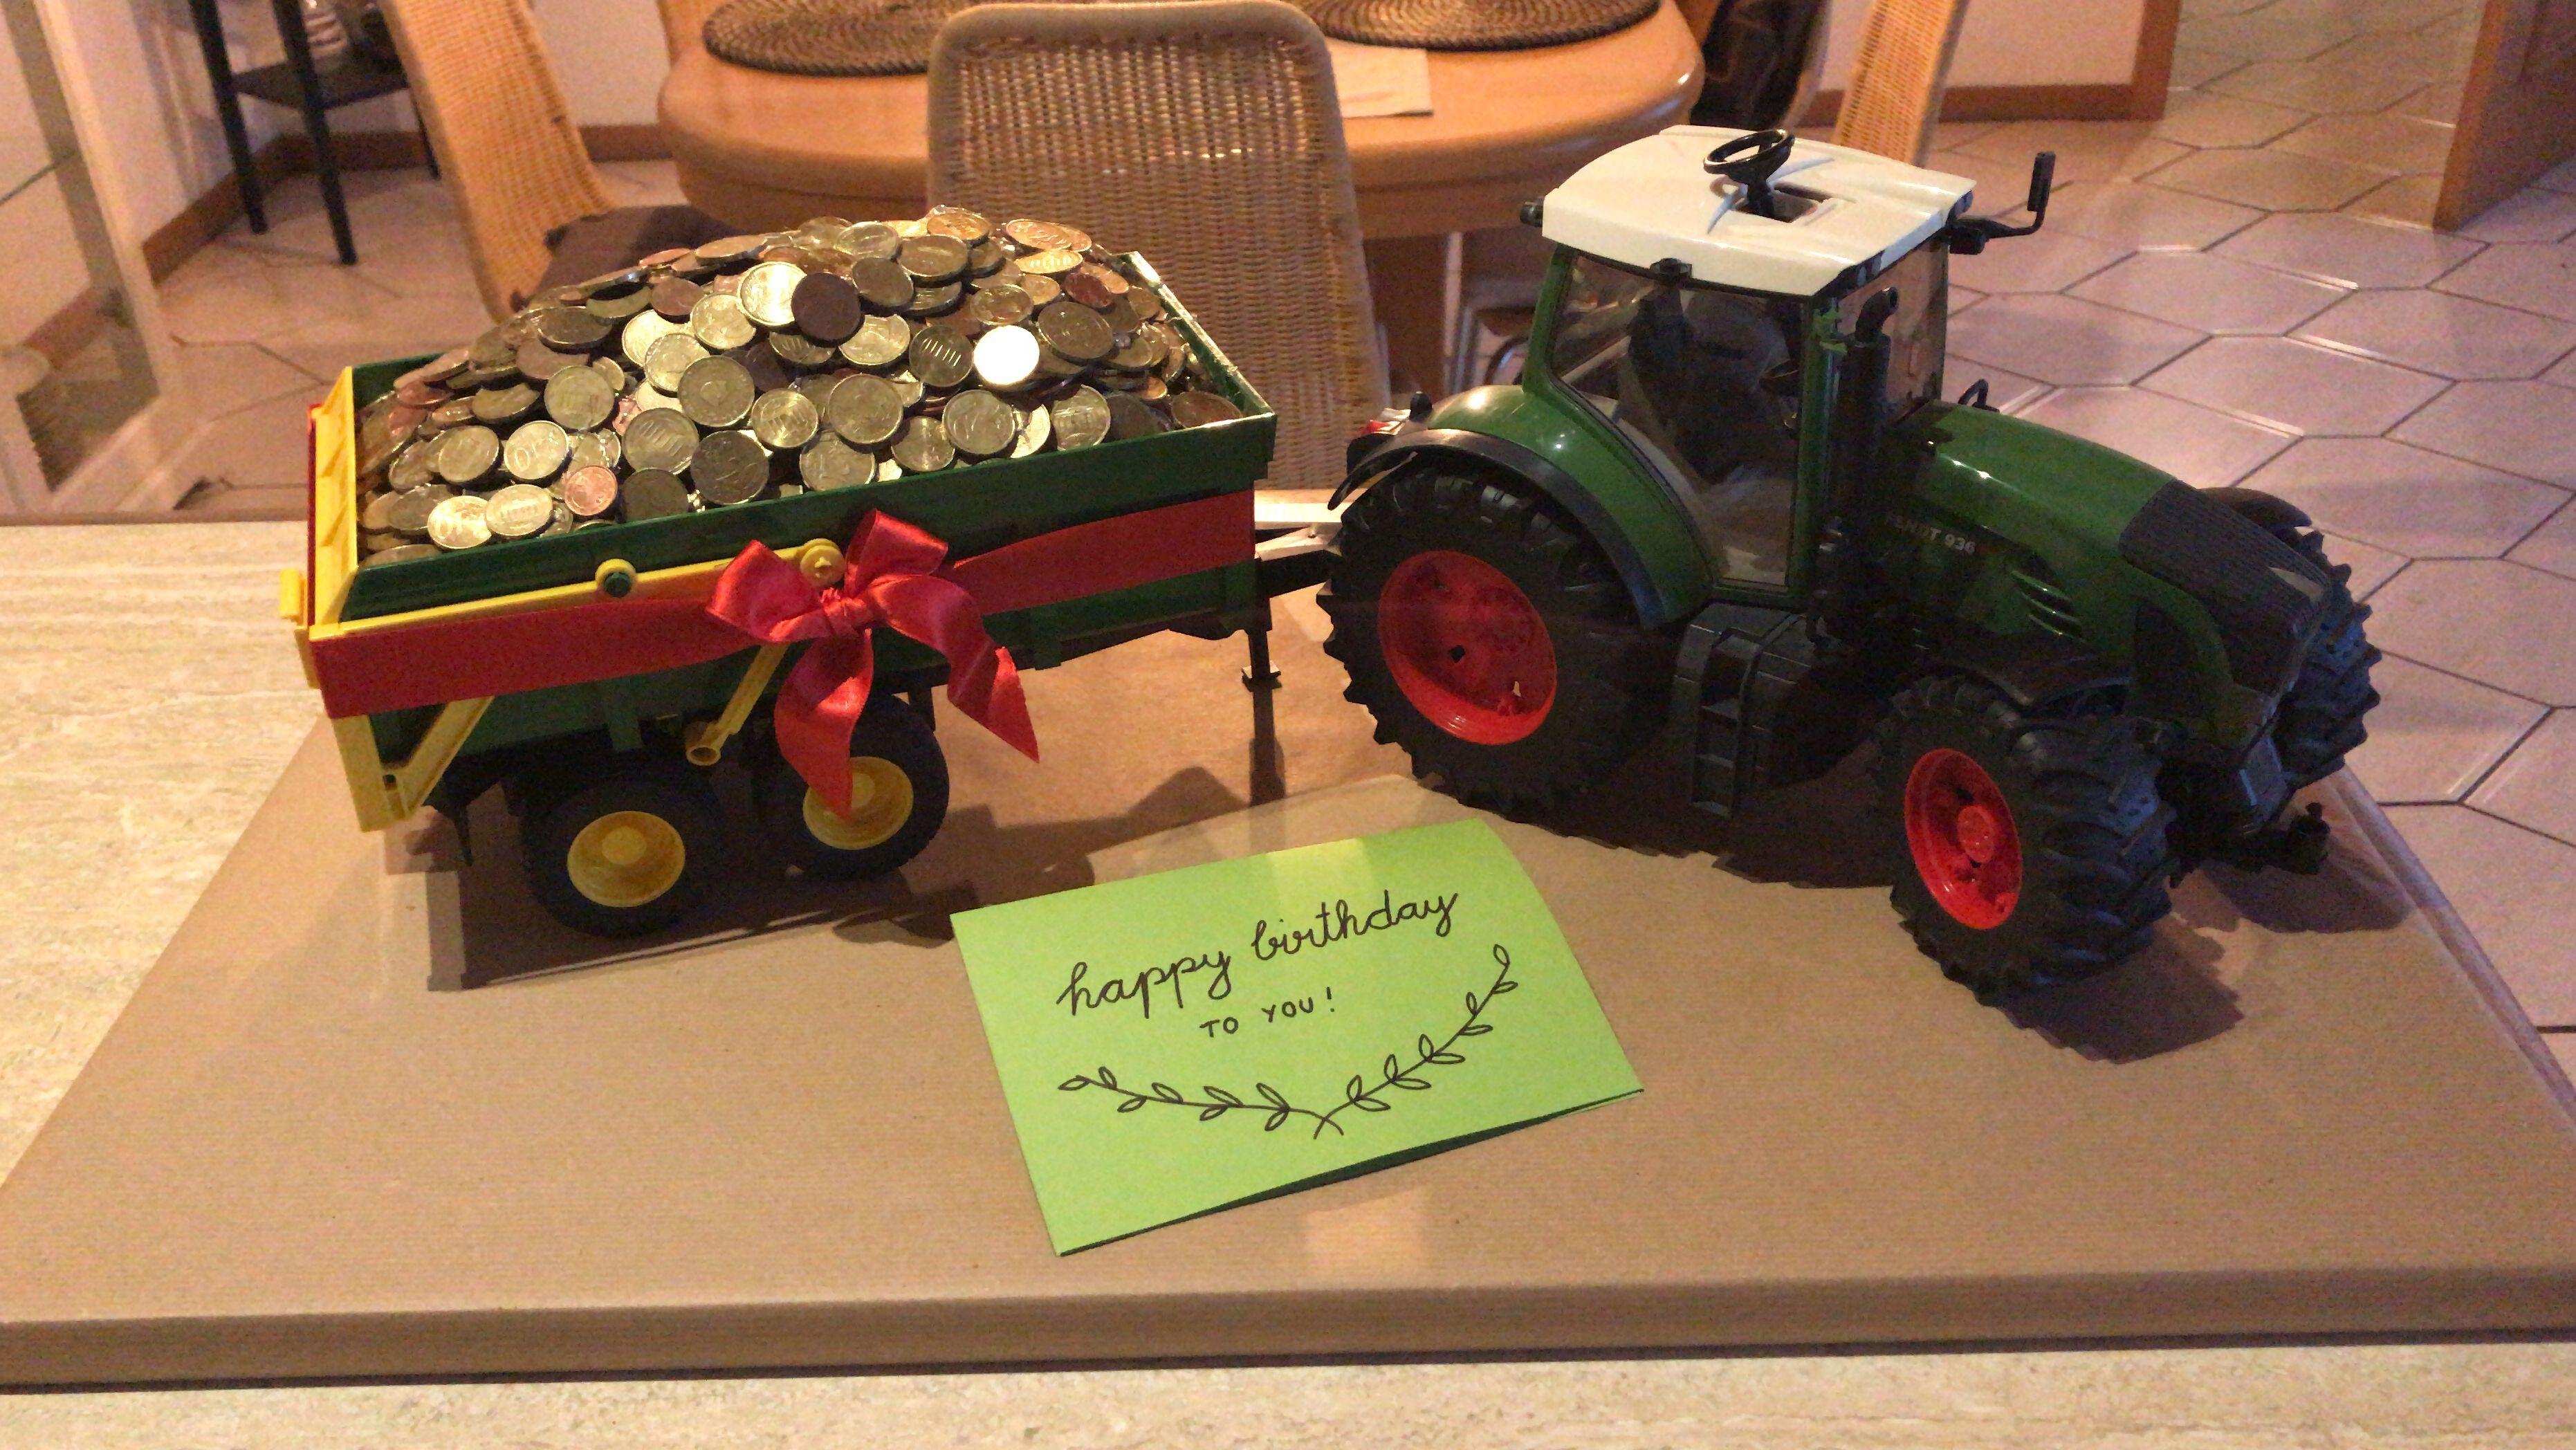 Geschenk 25 Geburtstag Geldgeschenk Trecker Bauer Fendt Traktor